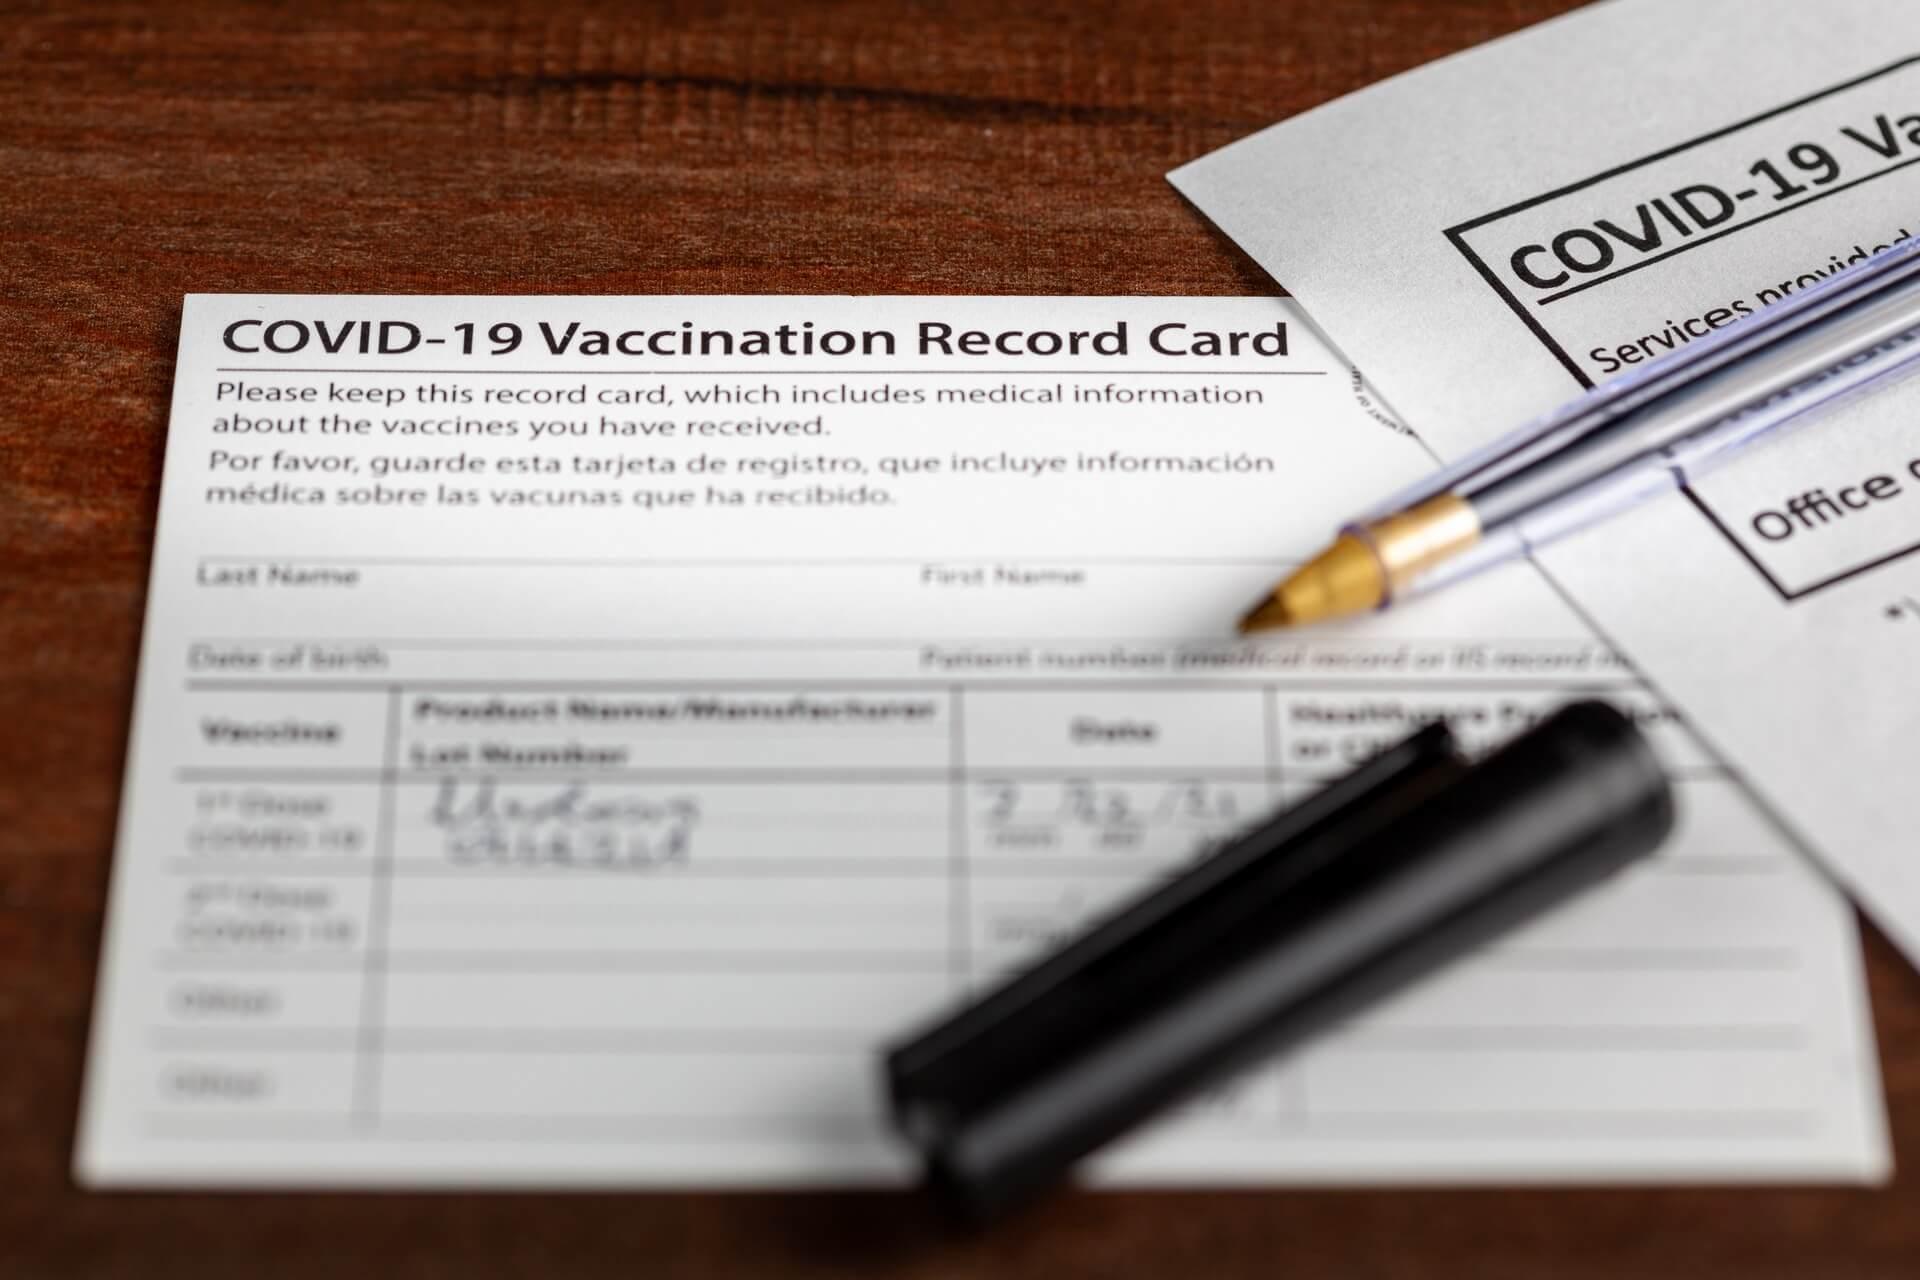 Kako čez mejo, če smo cepljeni - kartonček ali potrdilo?